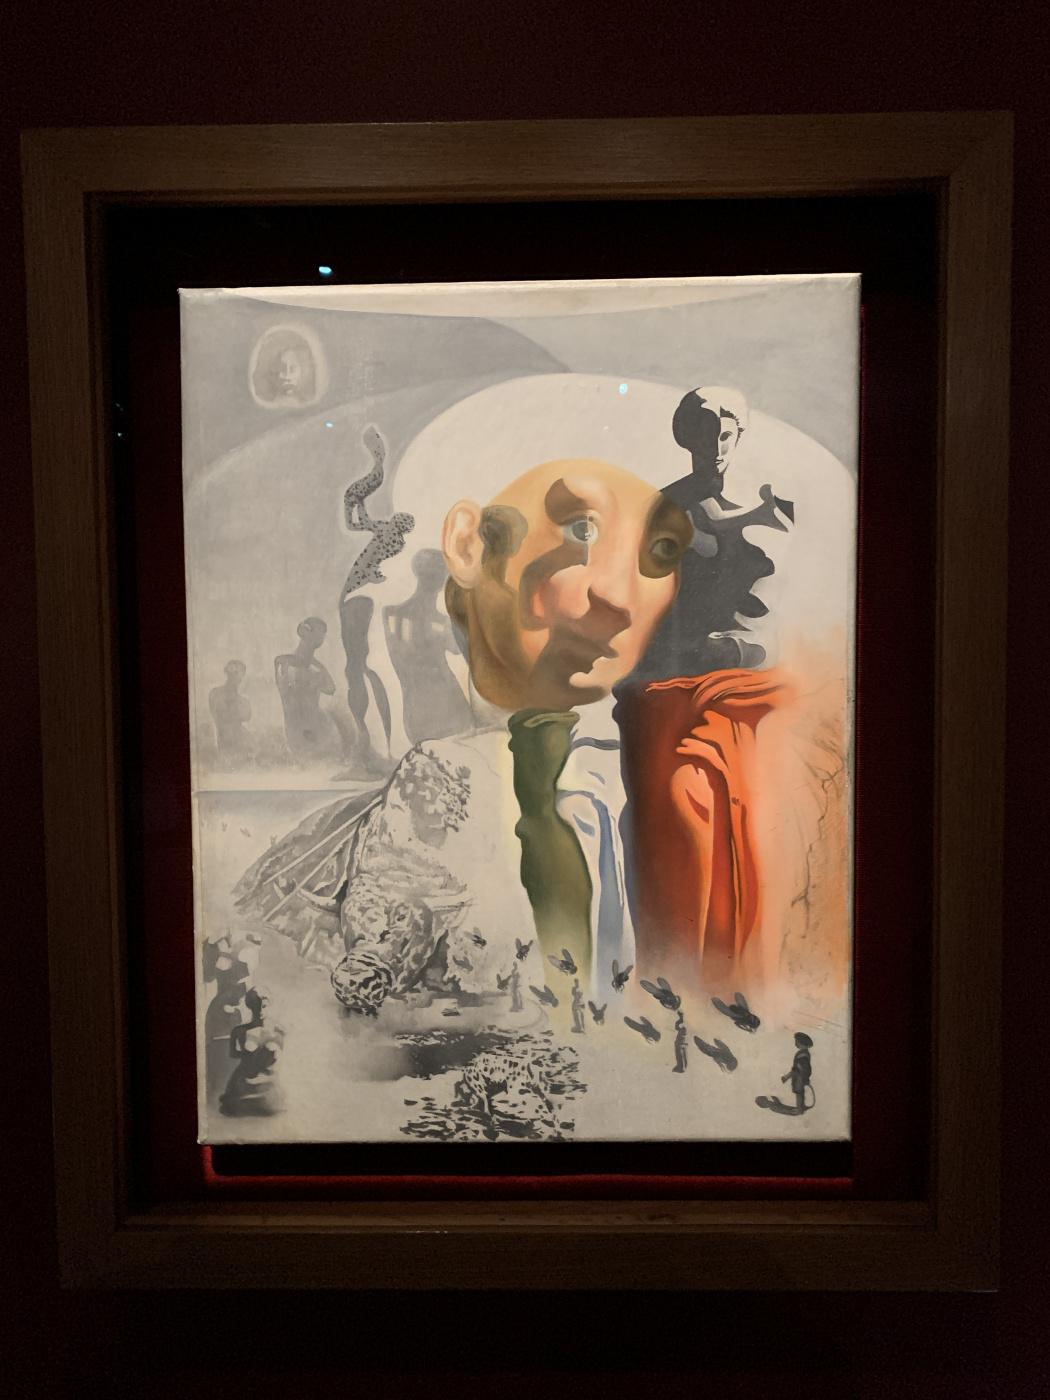 Salvador Dale. Hallucinogenic bullfighter. Sketch